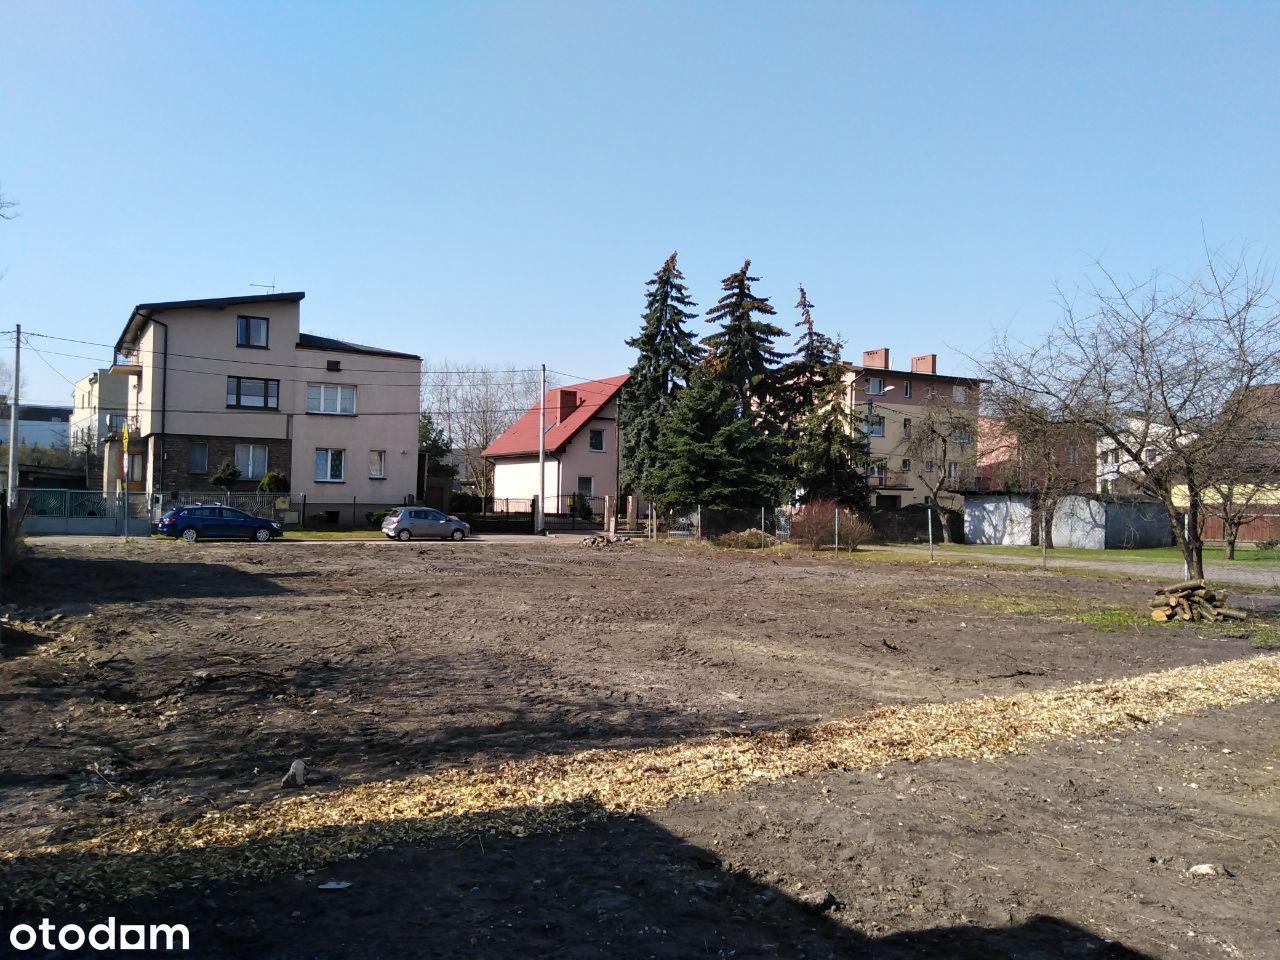 Działka budowlana 652 m2, Pogoń ul. Poleśna